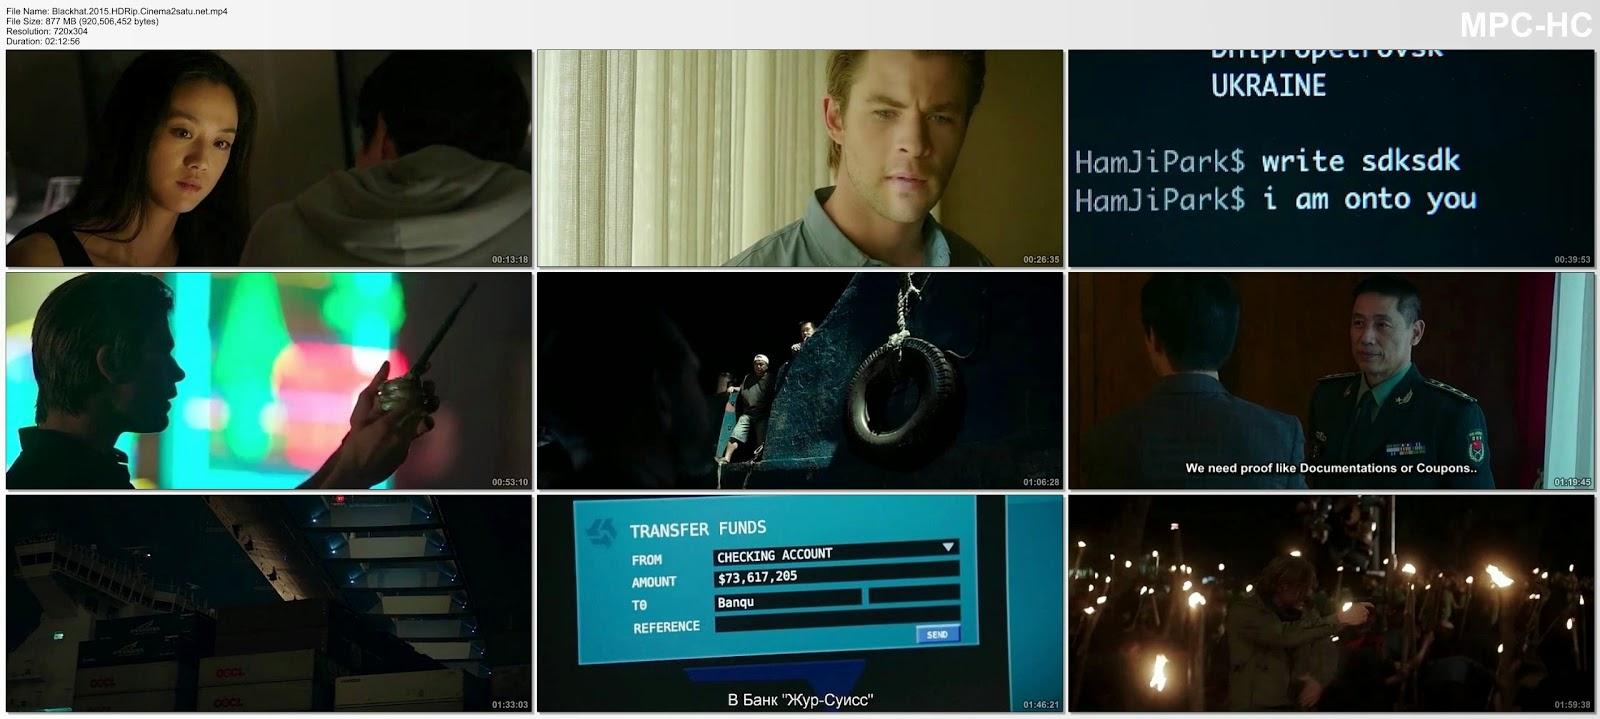 Blackhat 2015 HDRip Subtitle Indonesia